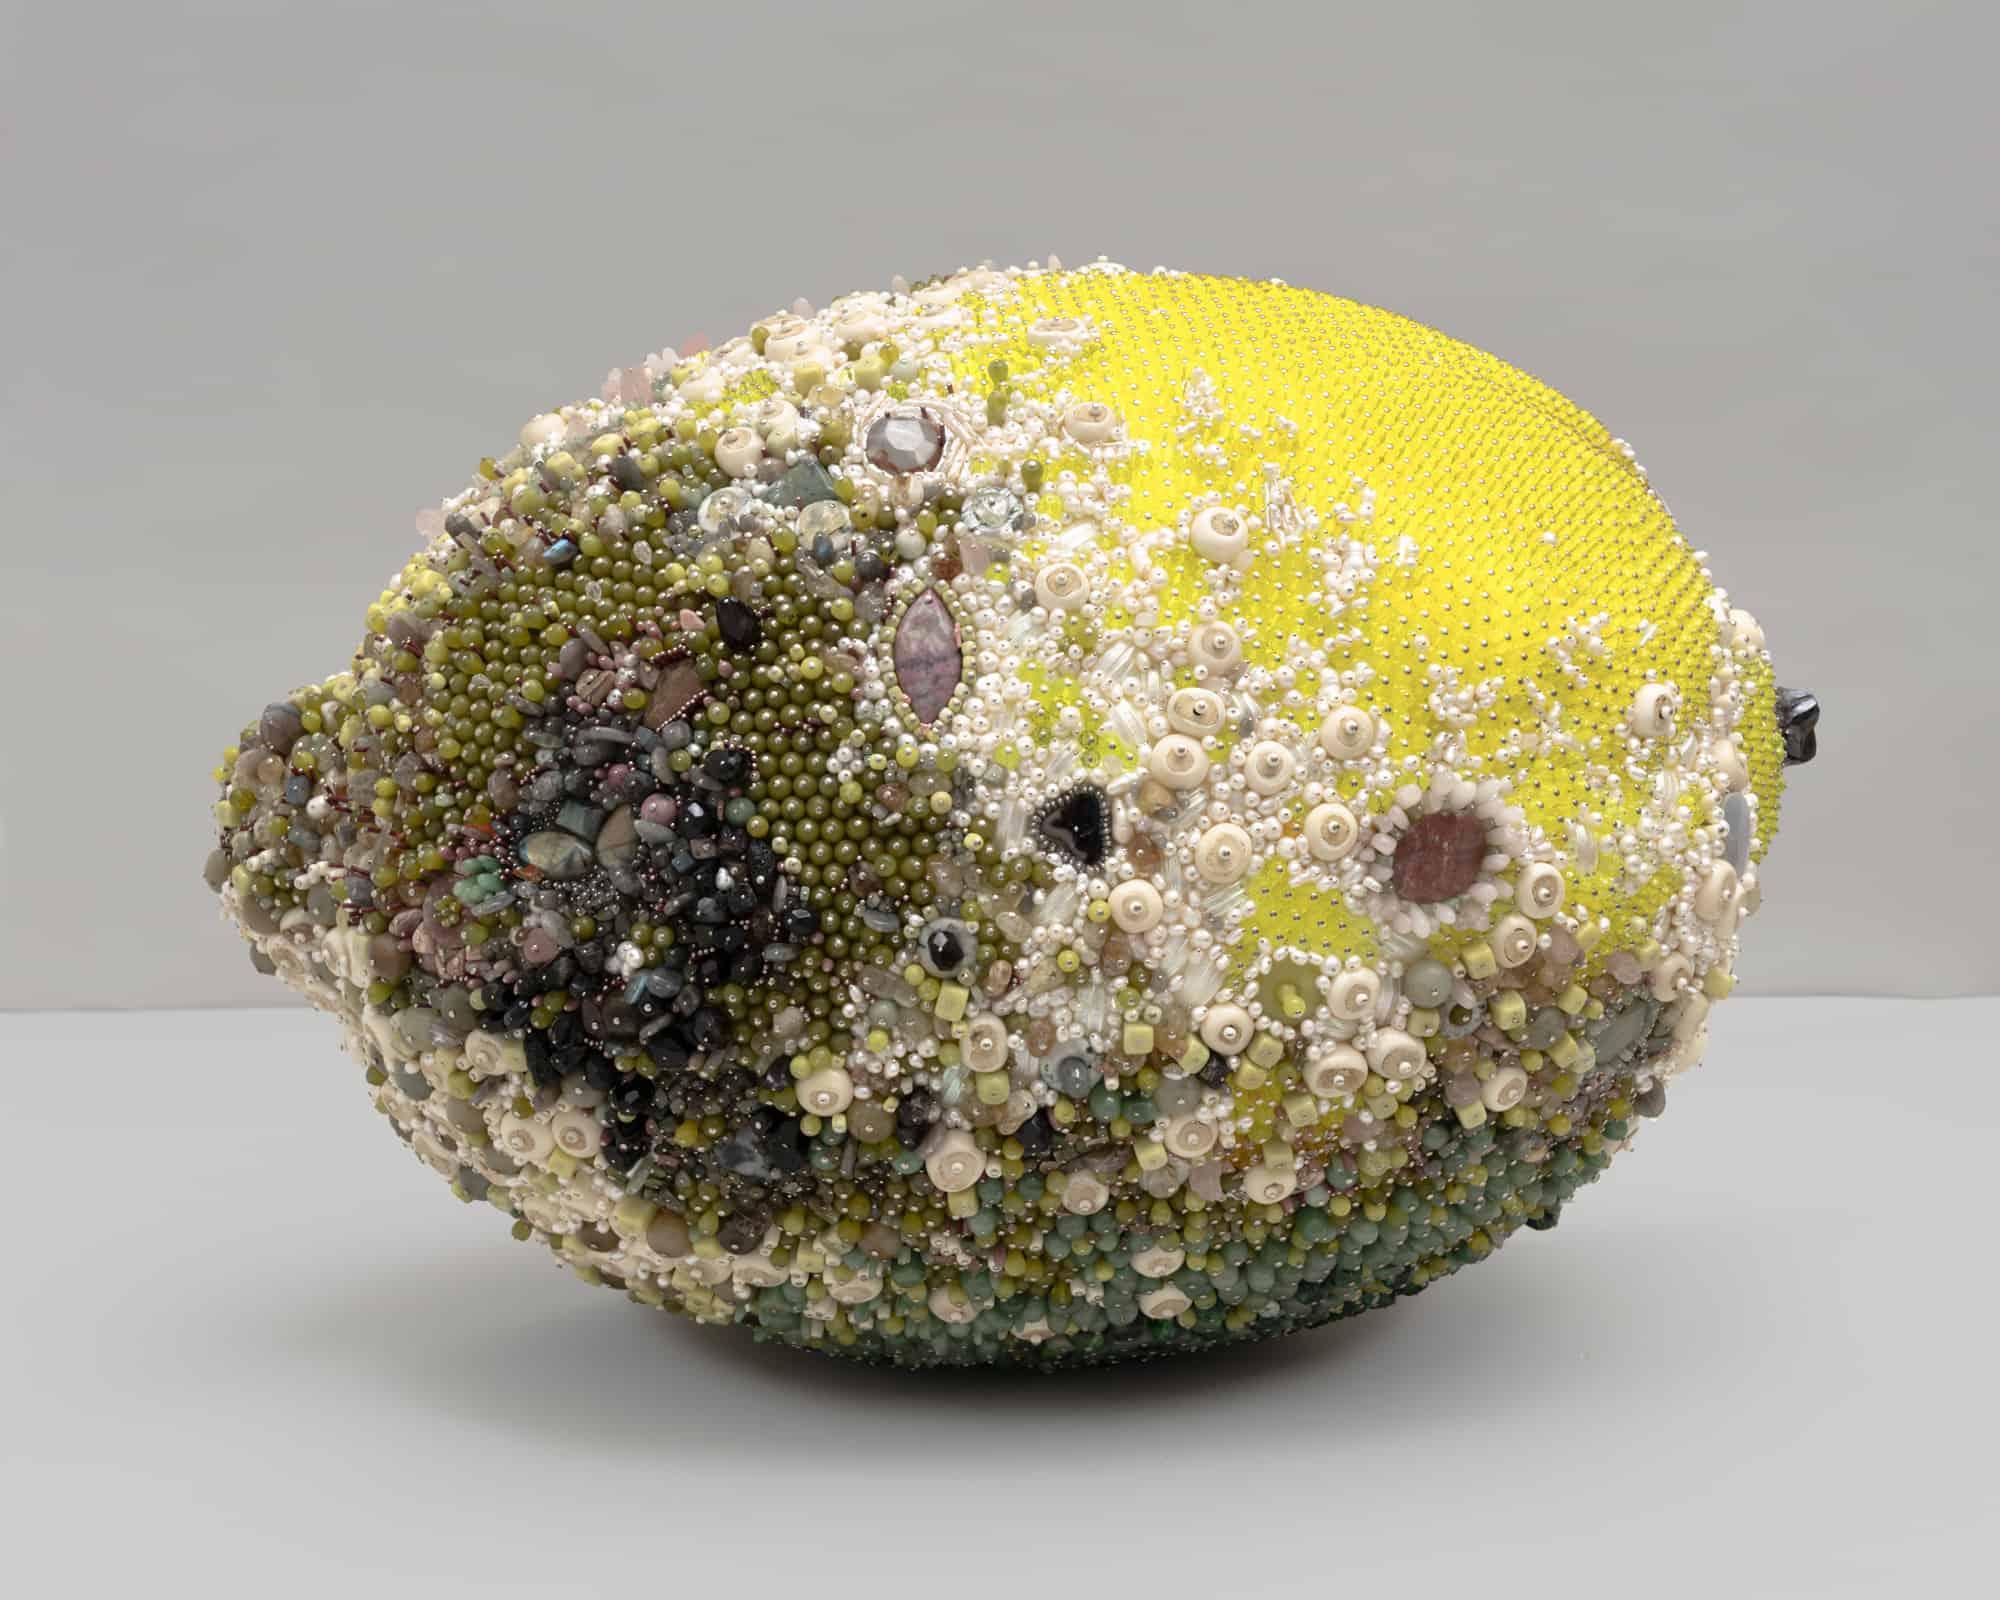 Schimmlige Obstskulpturen aus Edelsteinen hinterfragen die Vorstellung von Veredelung und Verfall